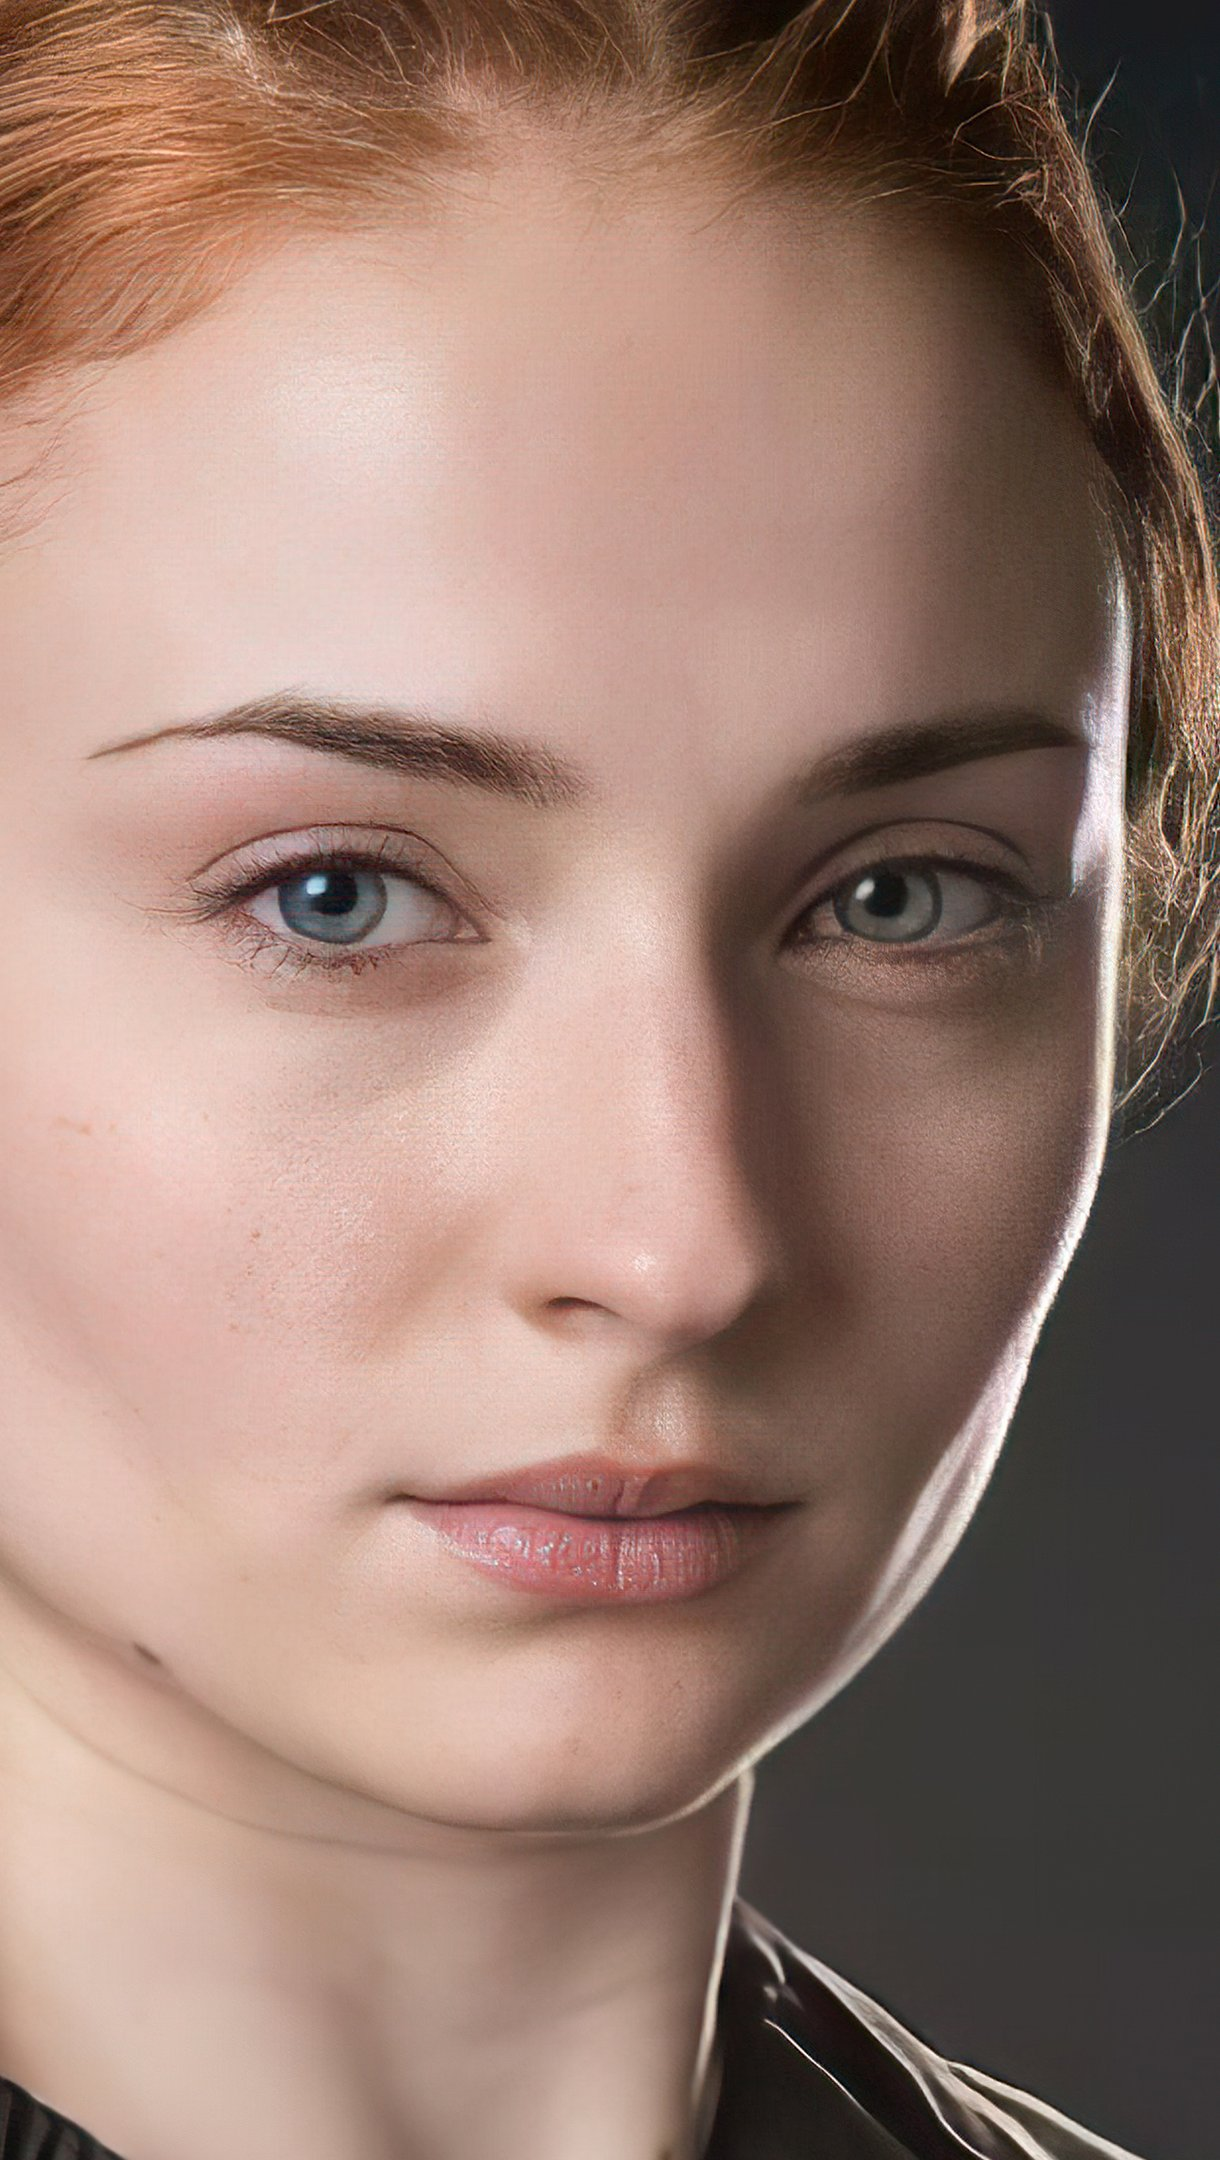 Wallpaper Sophie Turner as Sansa Stark Vertical